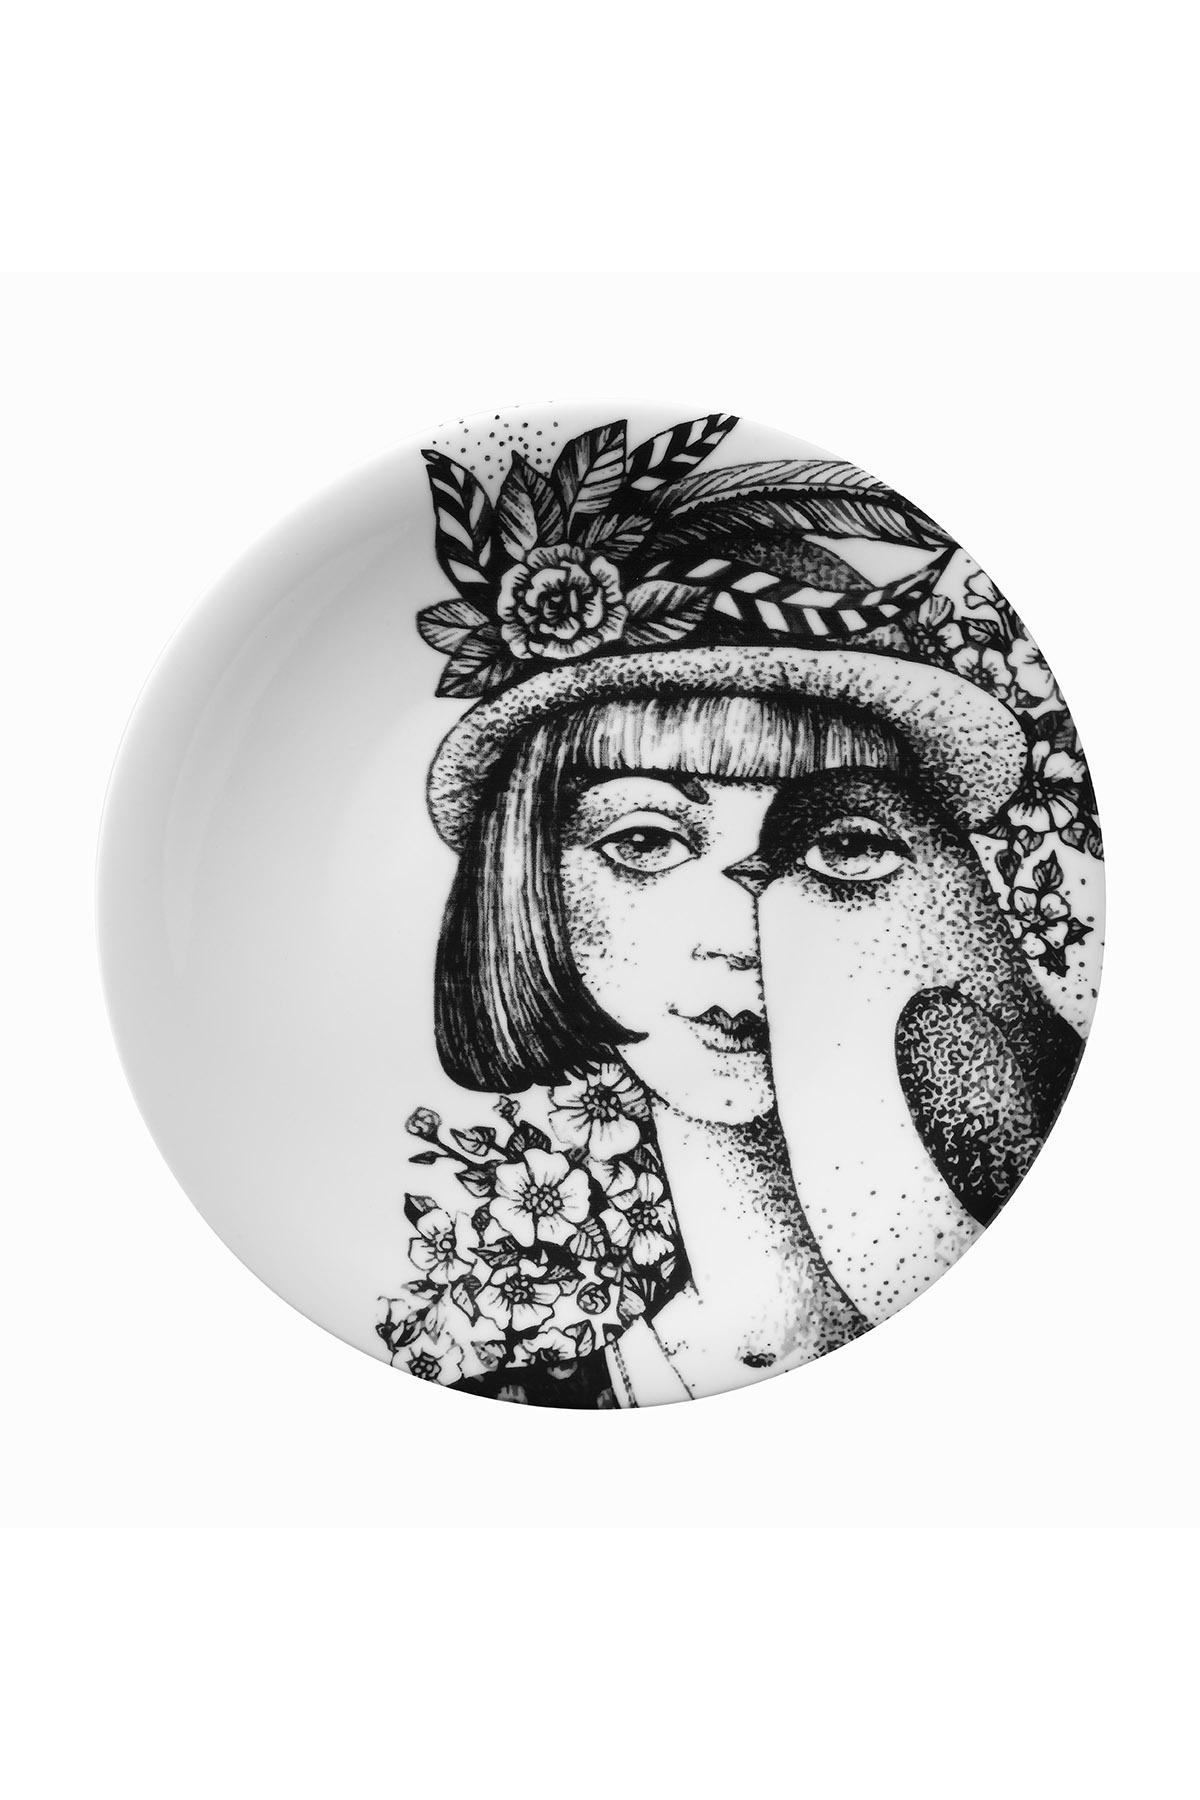 Kütahya Porselen - Kütahya Porselen Kadınlarım Serisi 25 cm Servis Tabağı 885180